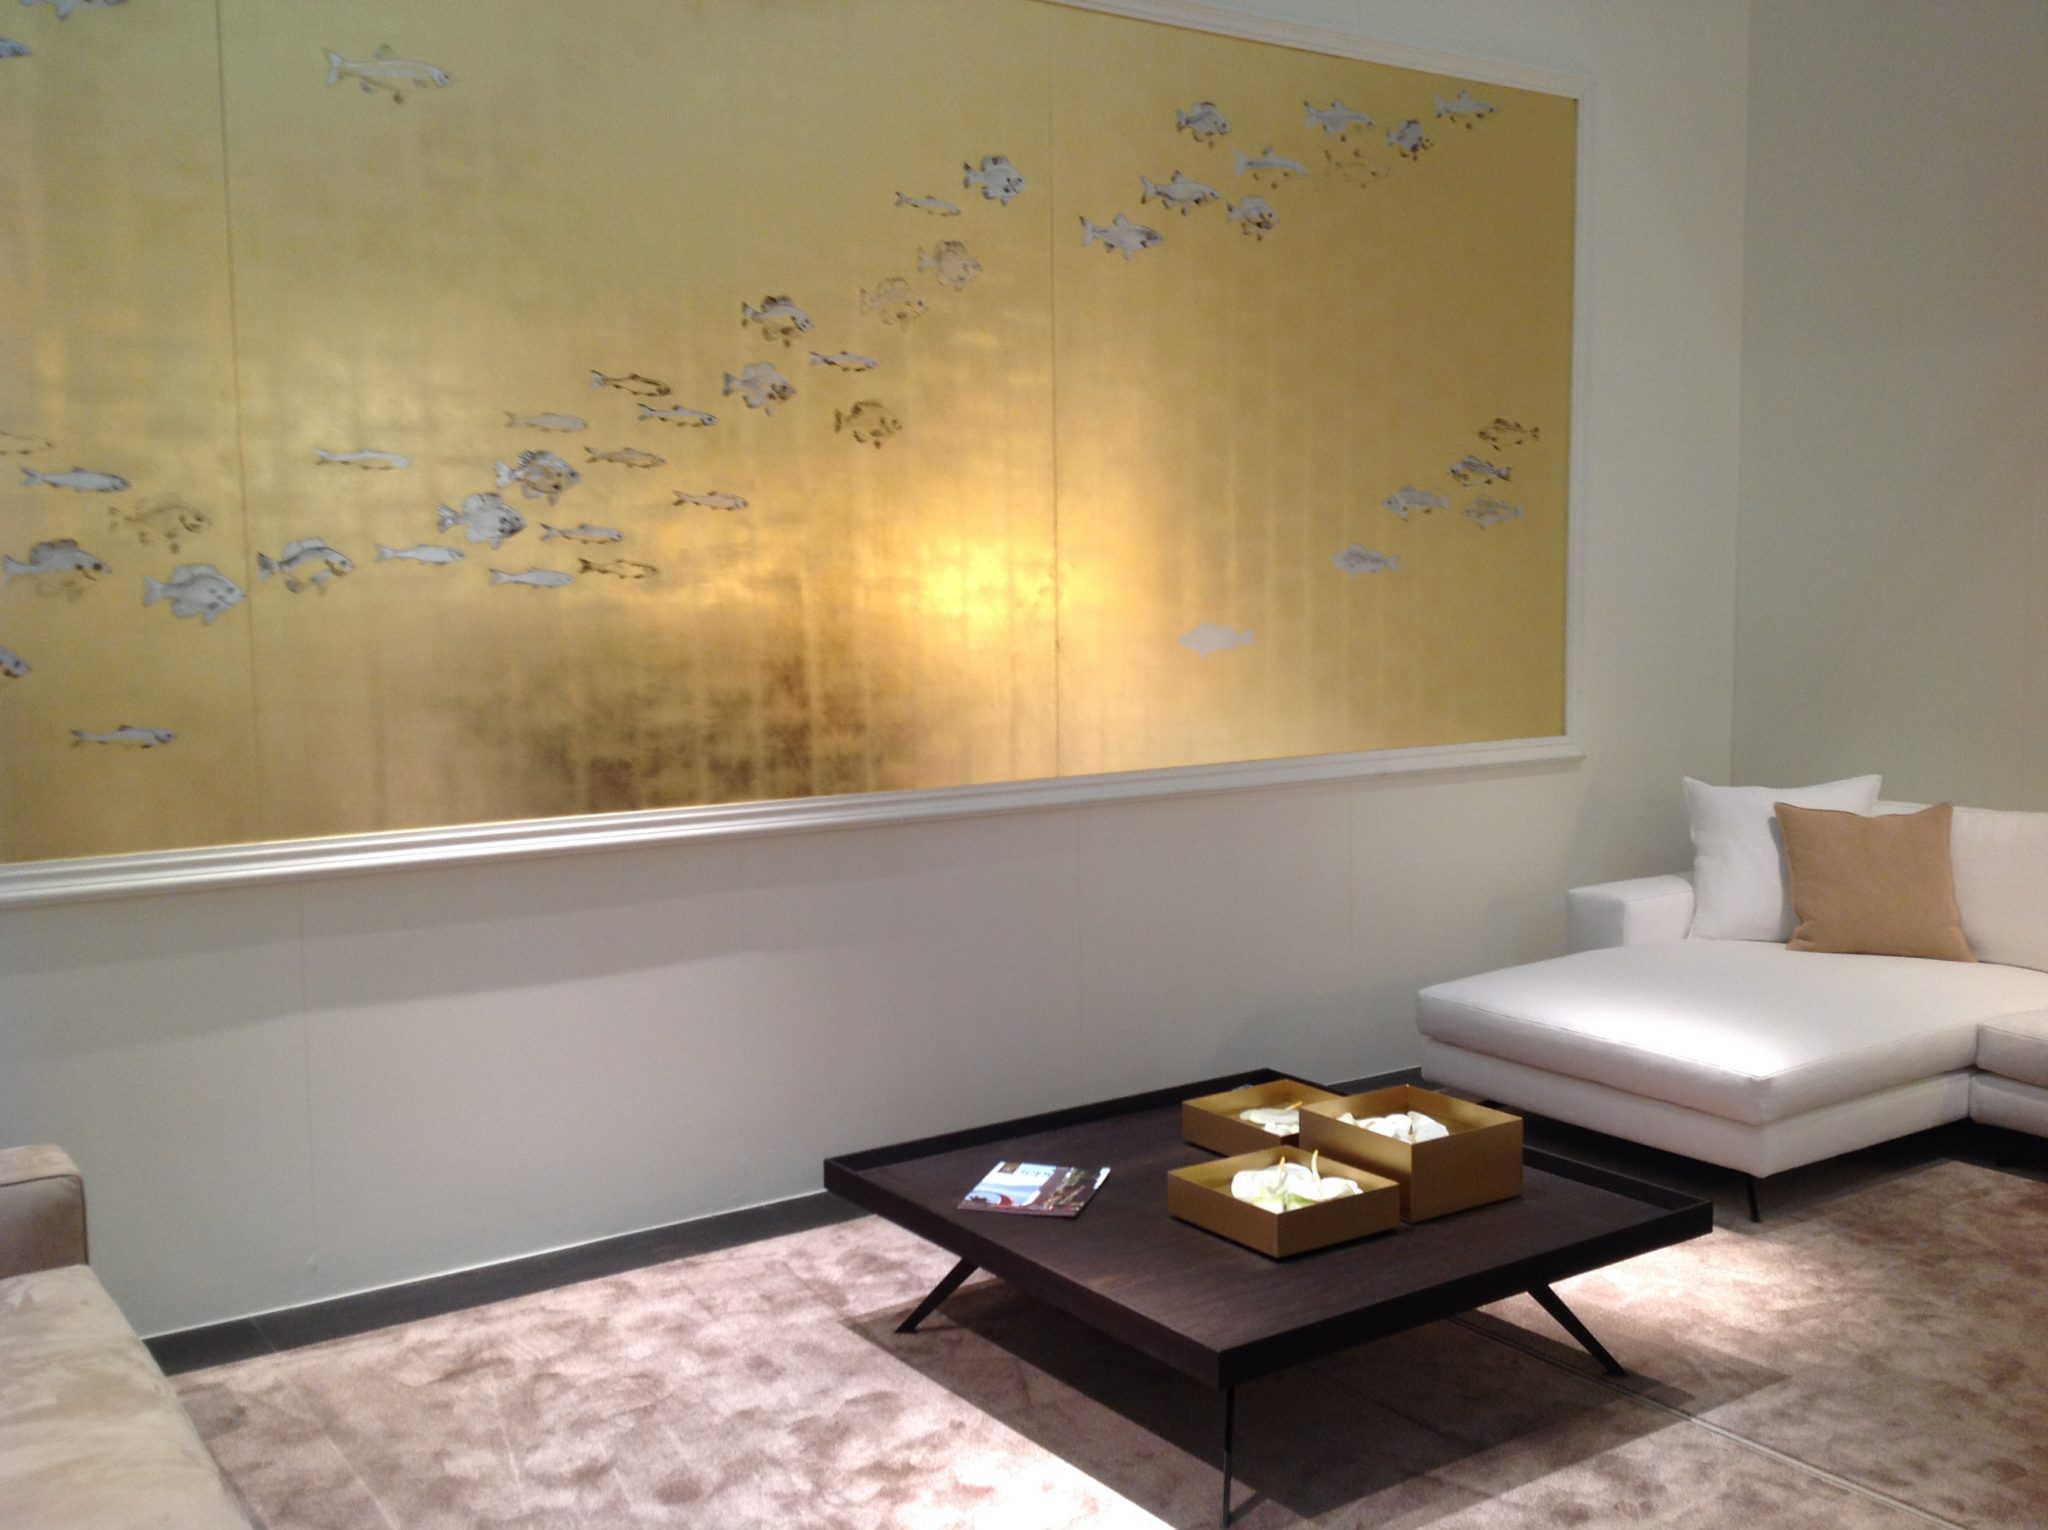 19 iSaloni 2014 milan design week interior design fair design de luxe luksosowe meble targi w mediolanie Marac